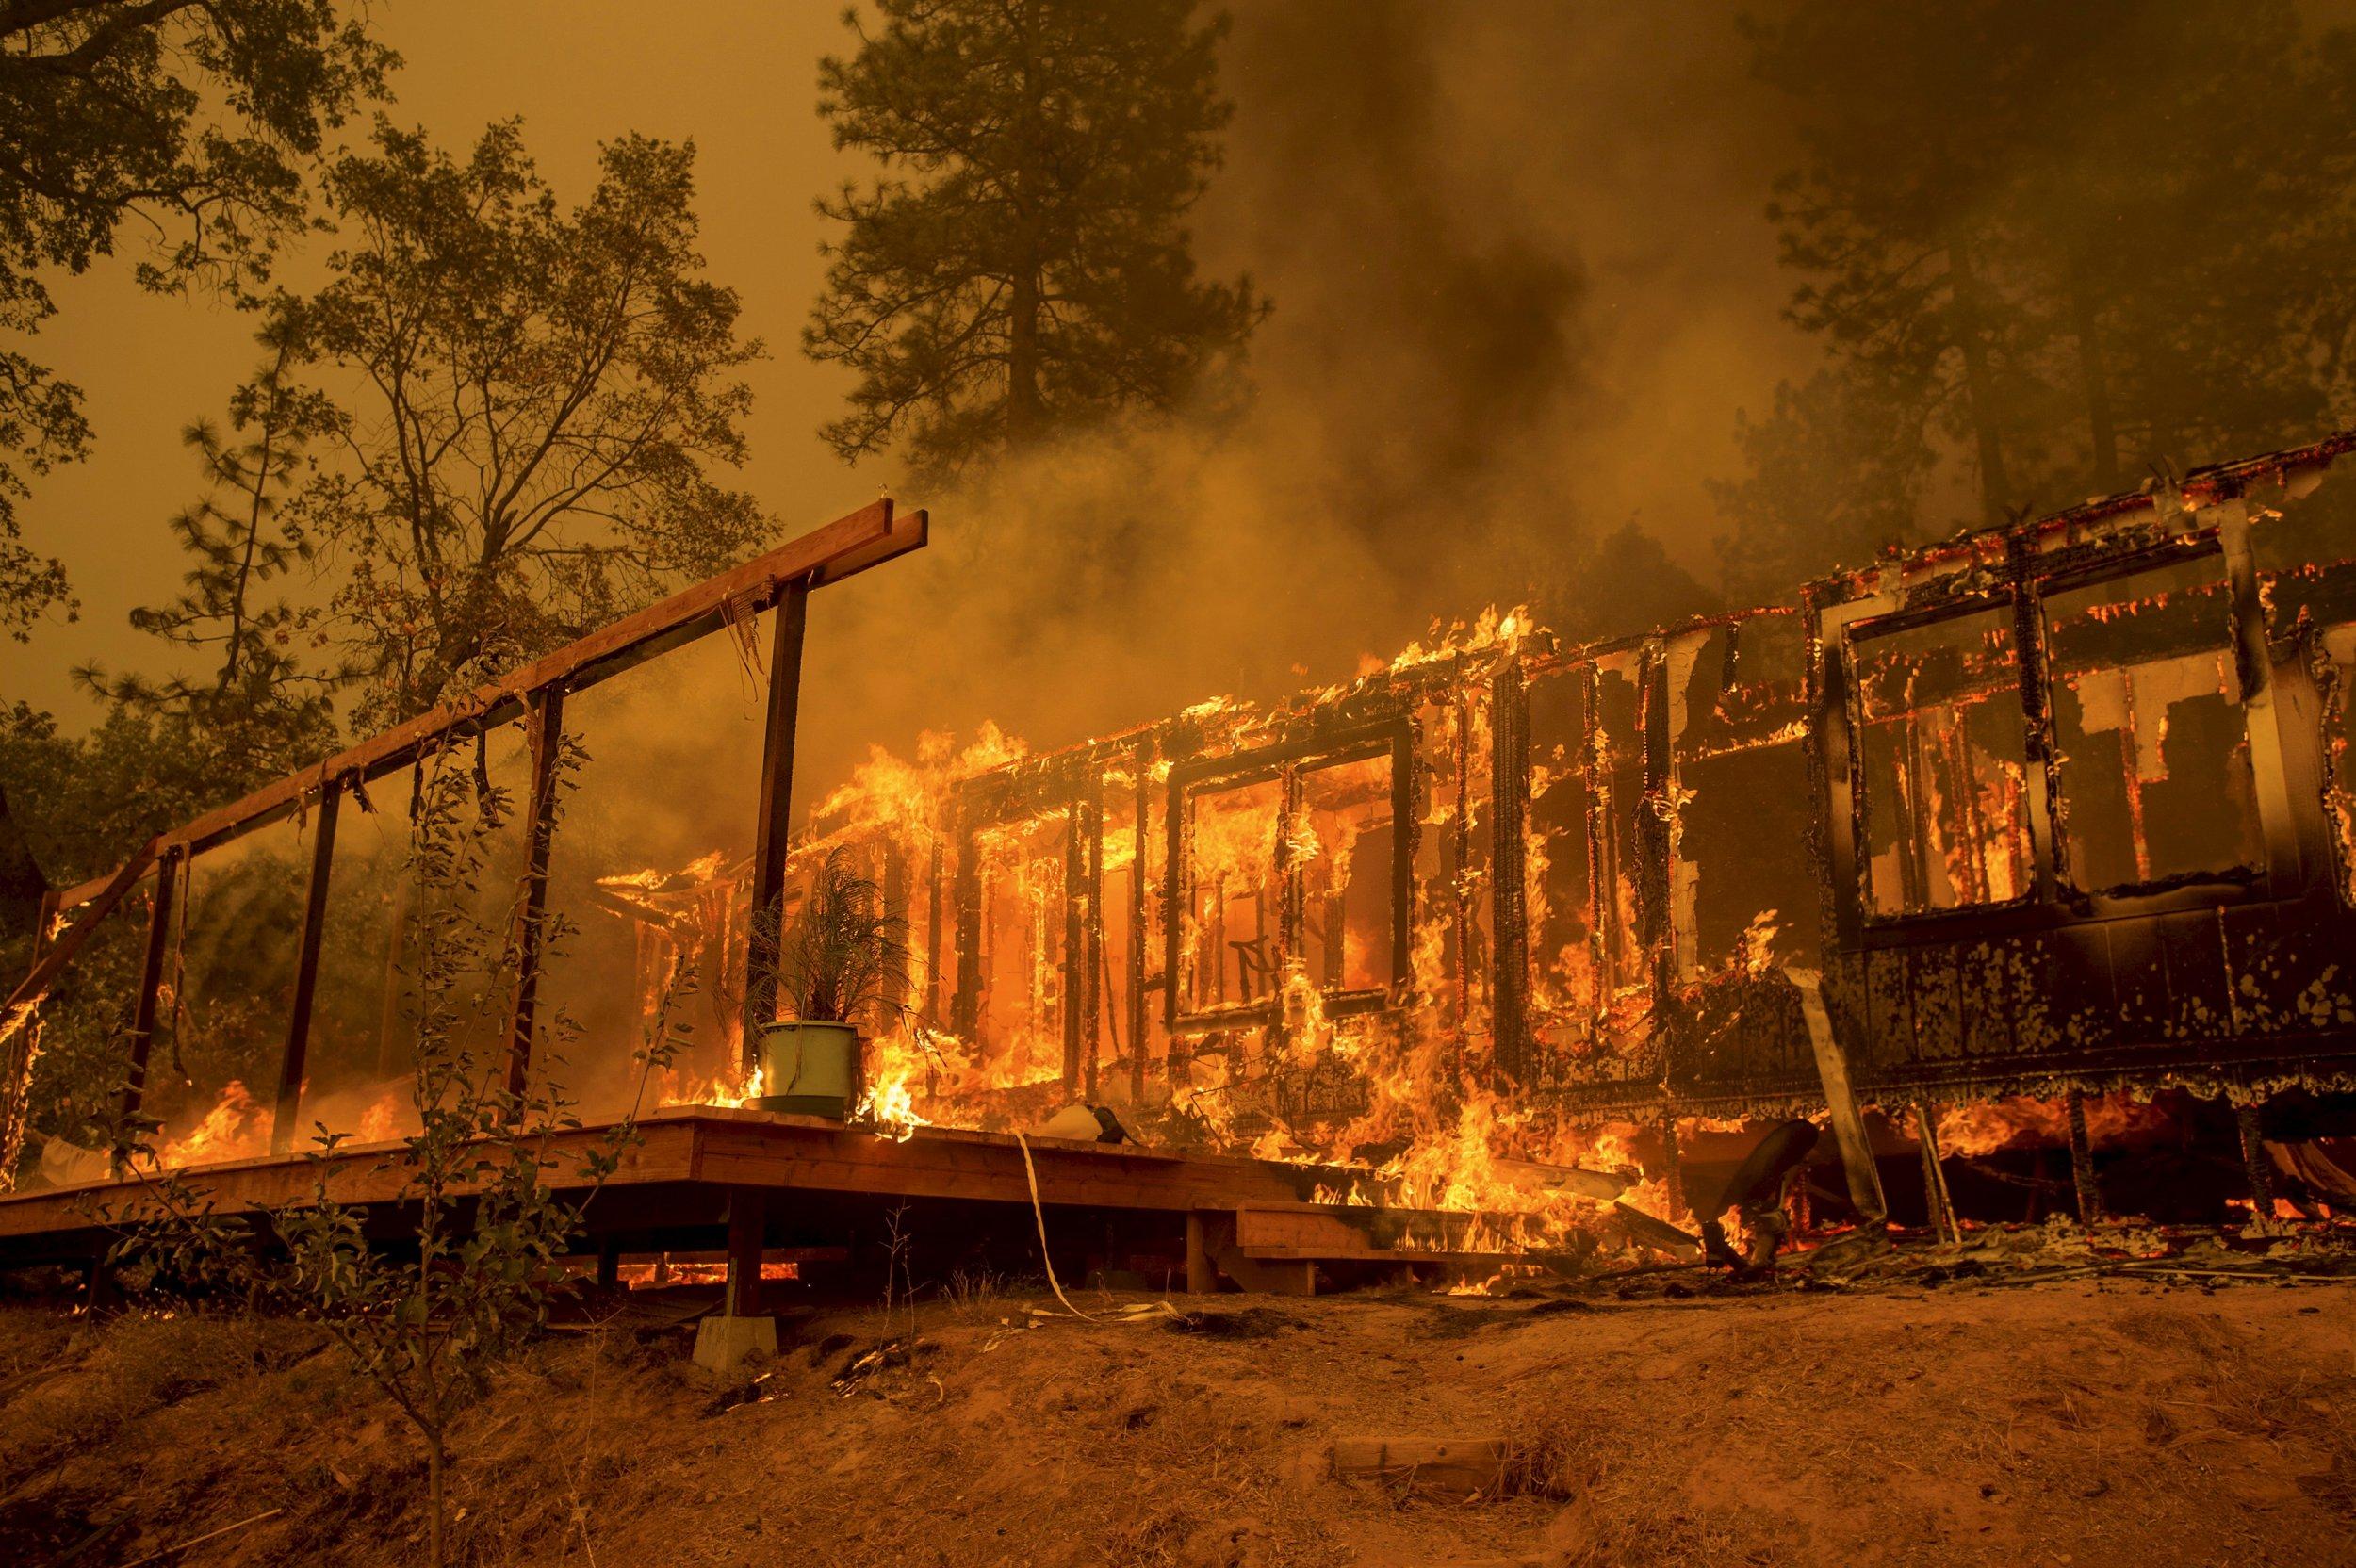 wildfire-in-california